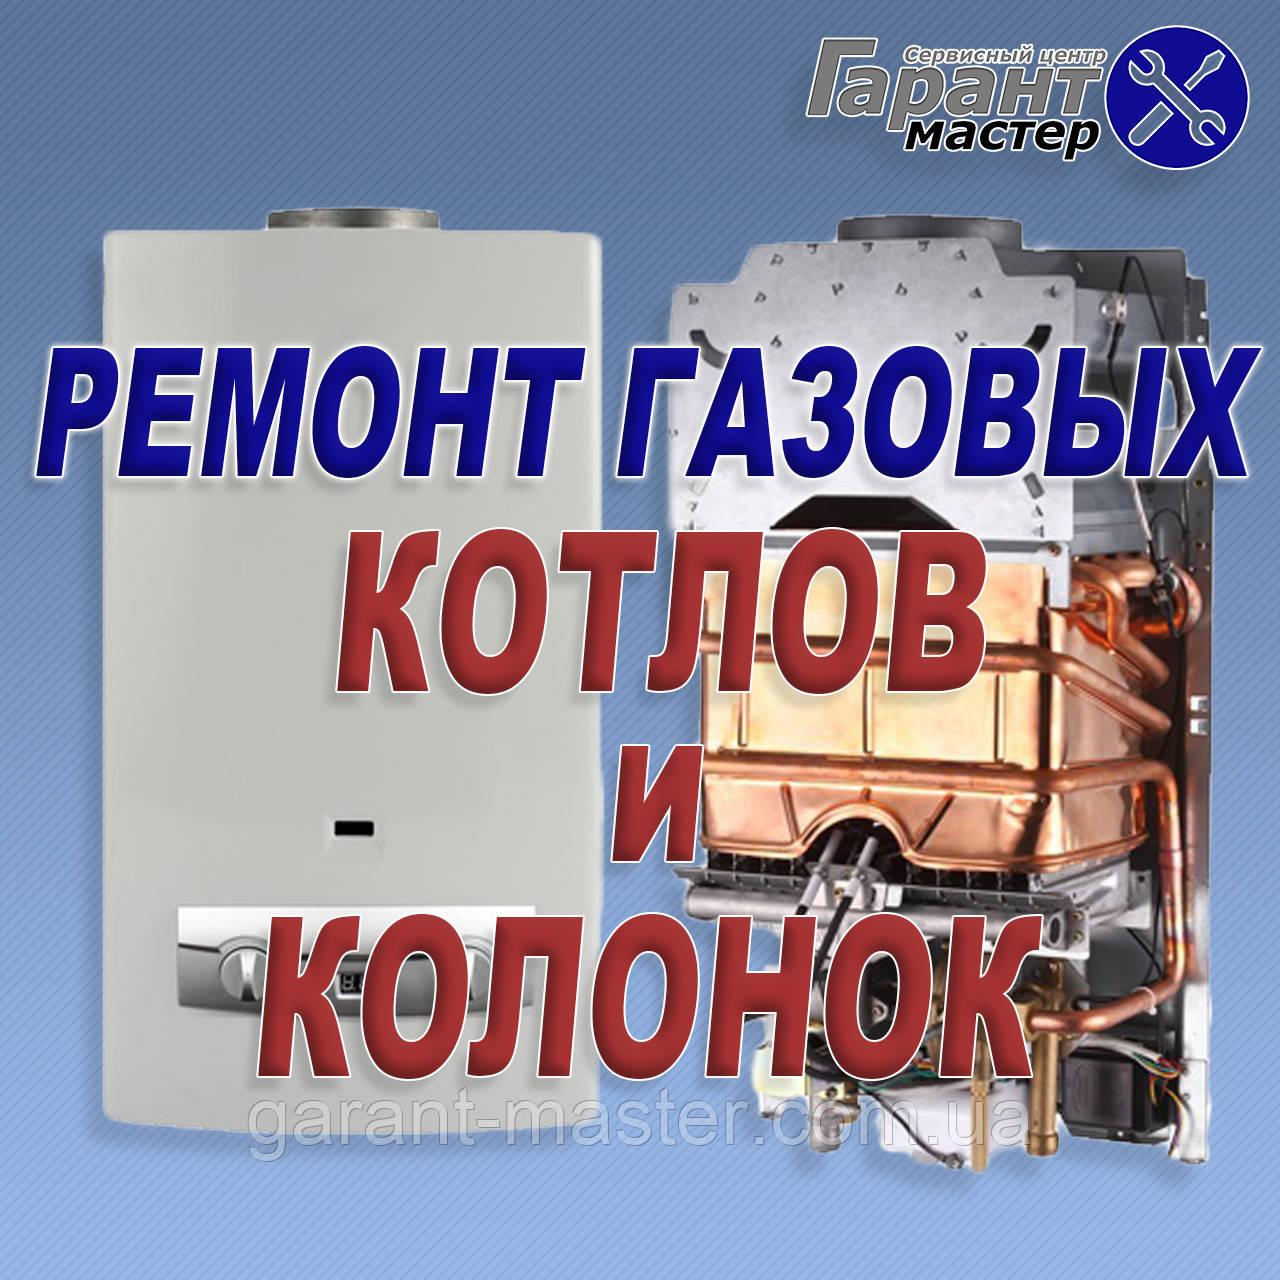 Ремонт газових котлів в Києві - фото 1